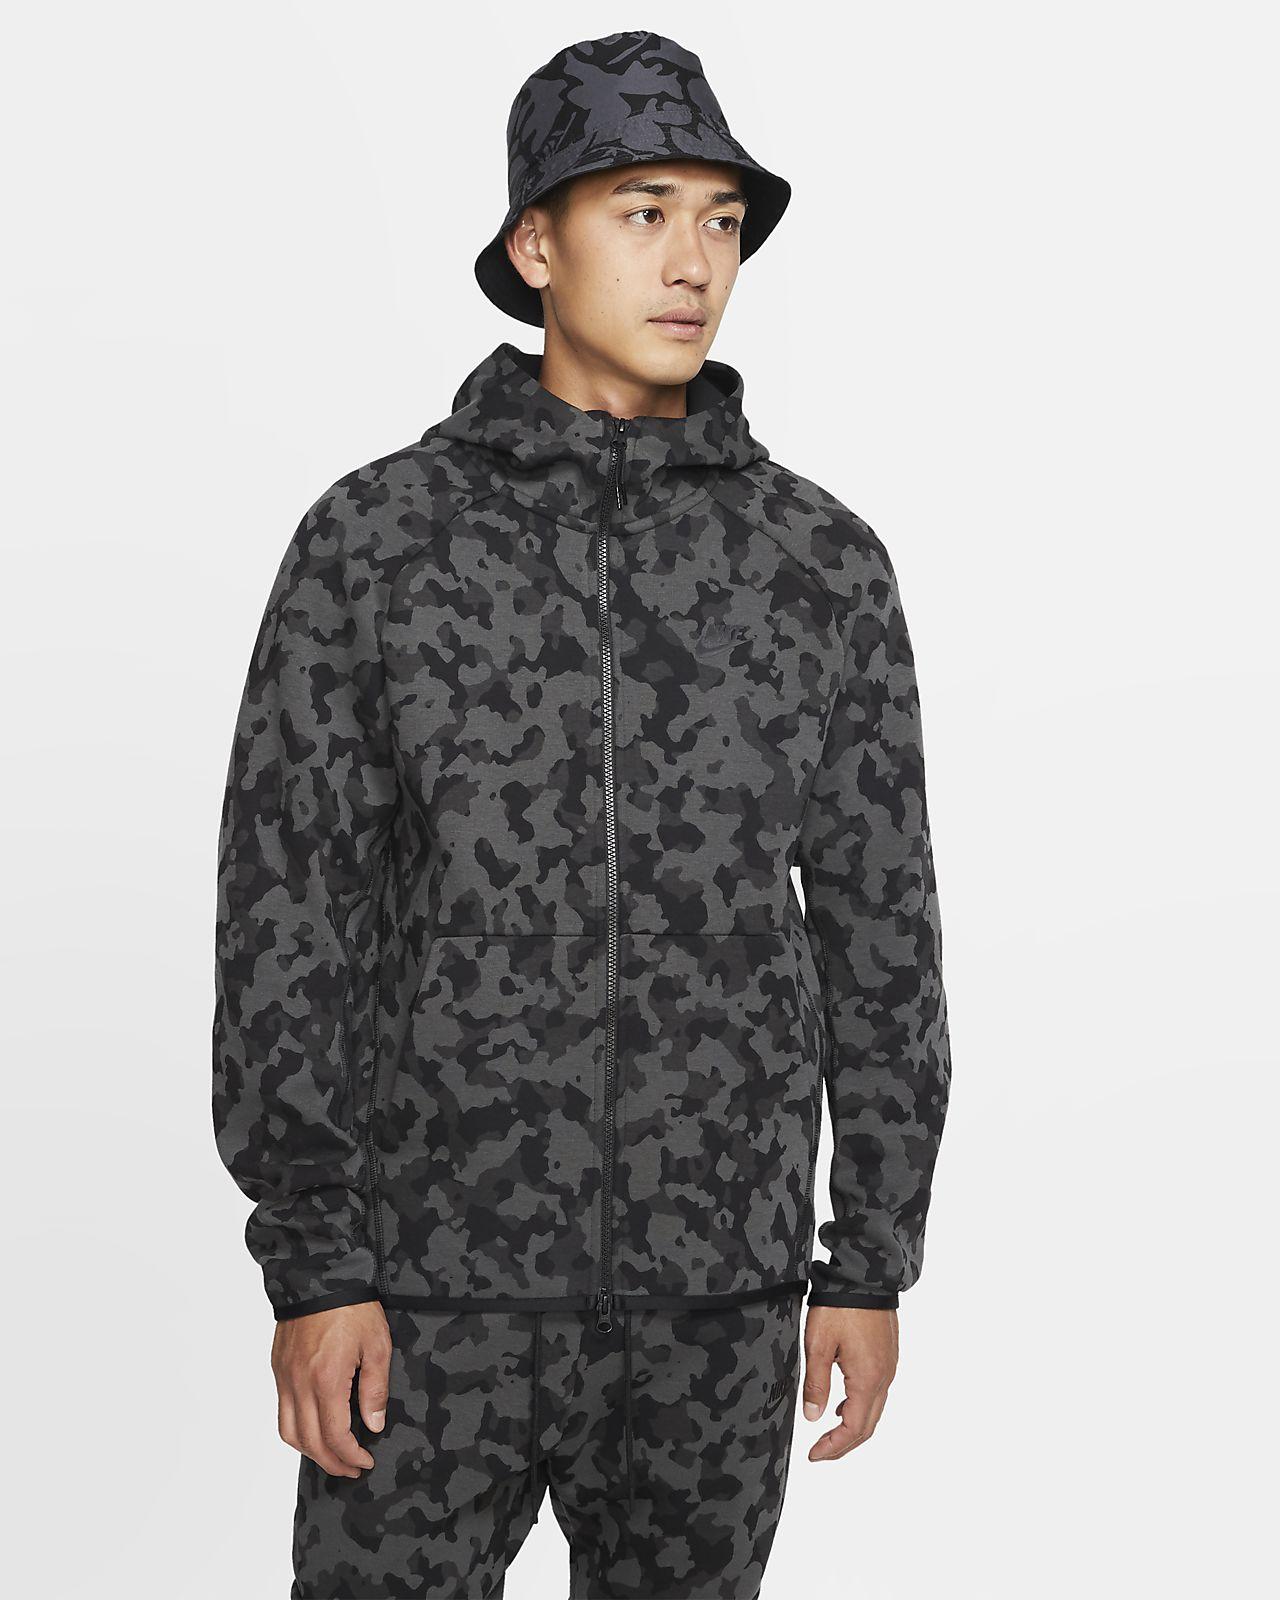 Pánská mikina Nike Sportswear Tech Fleece s kapucí, zipem po celé délce a potiskem